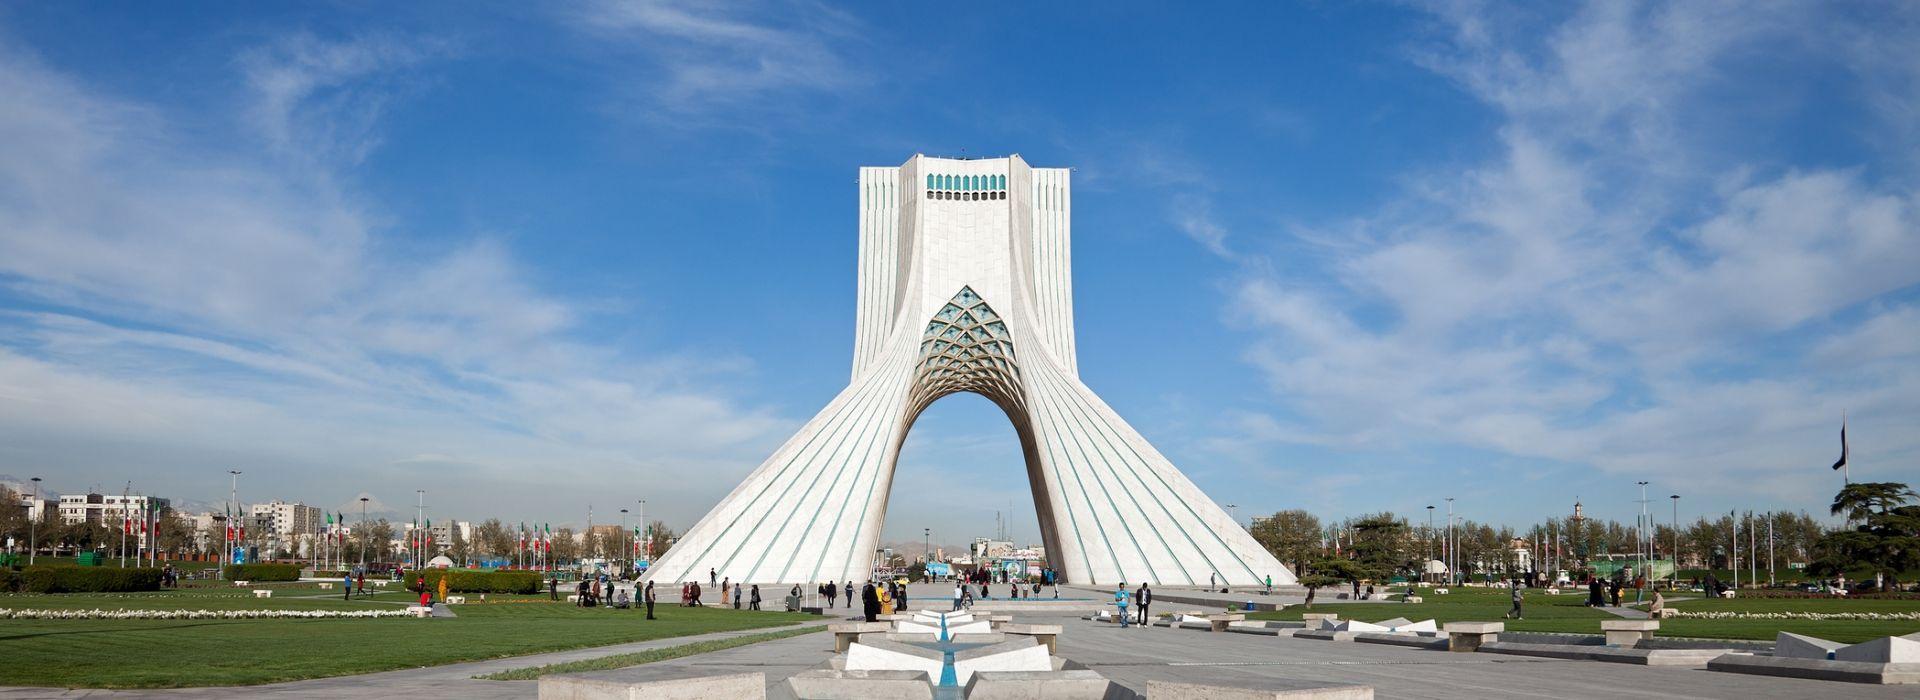 Walking tours in Iran